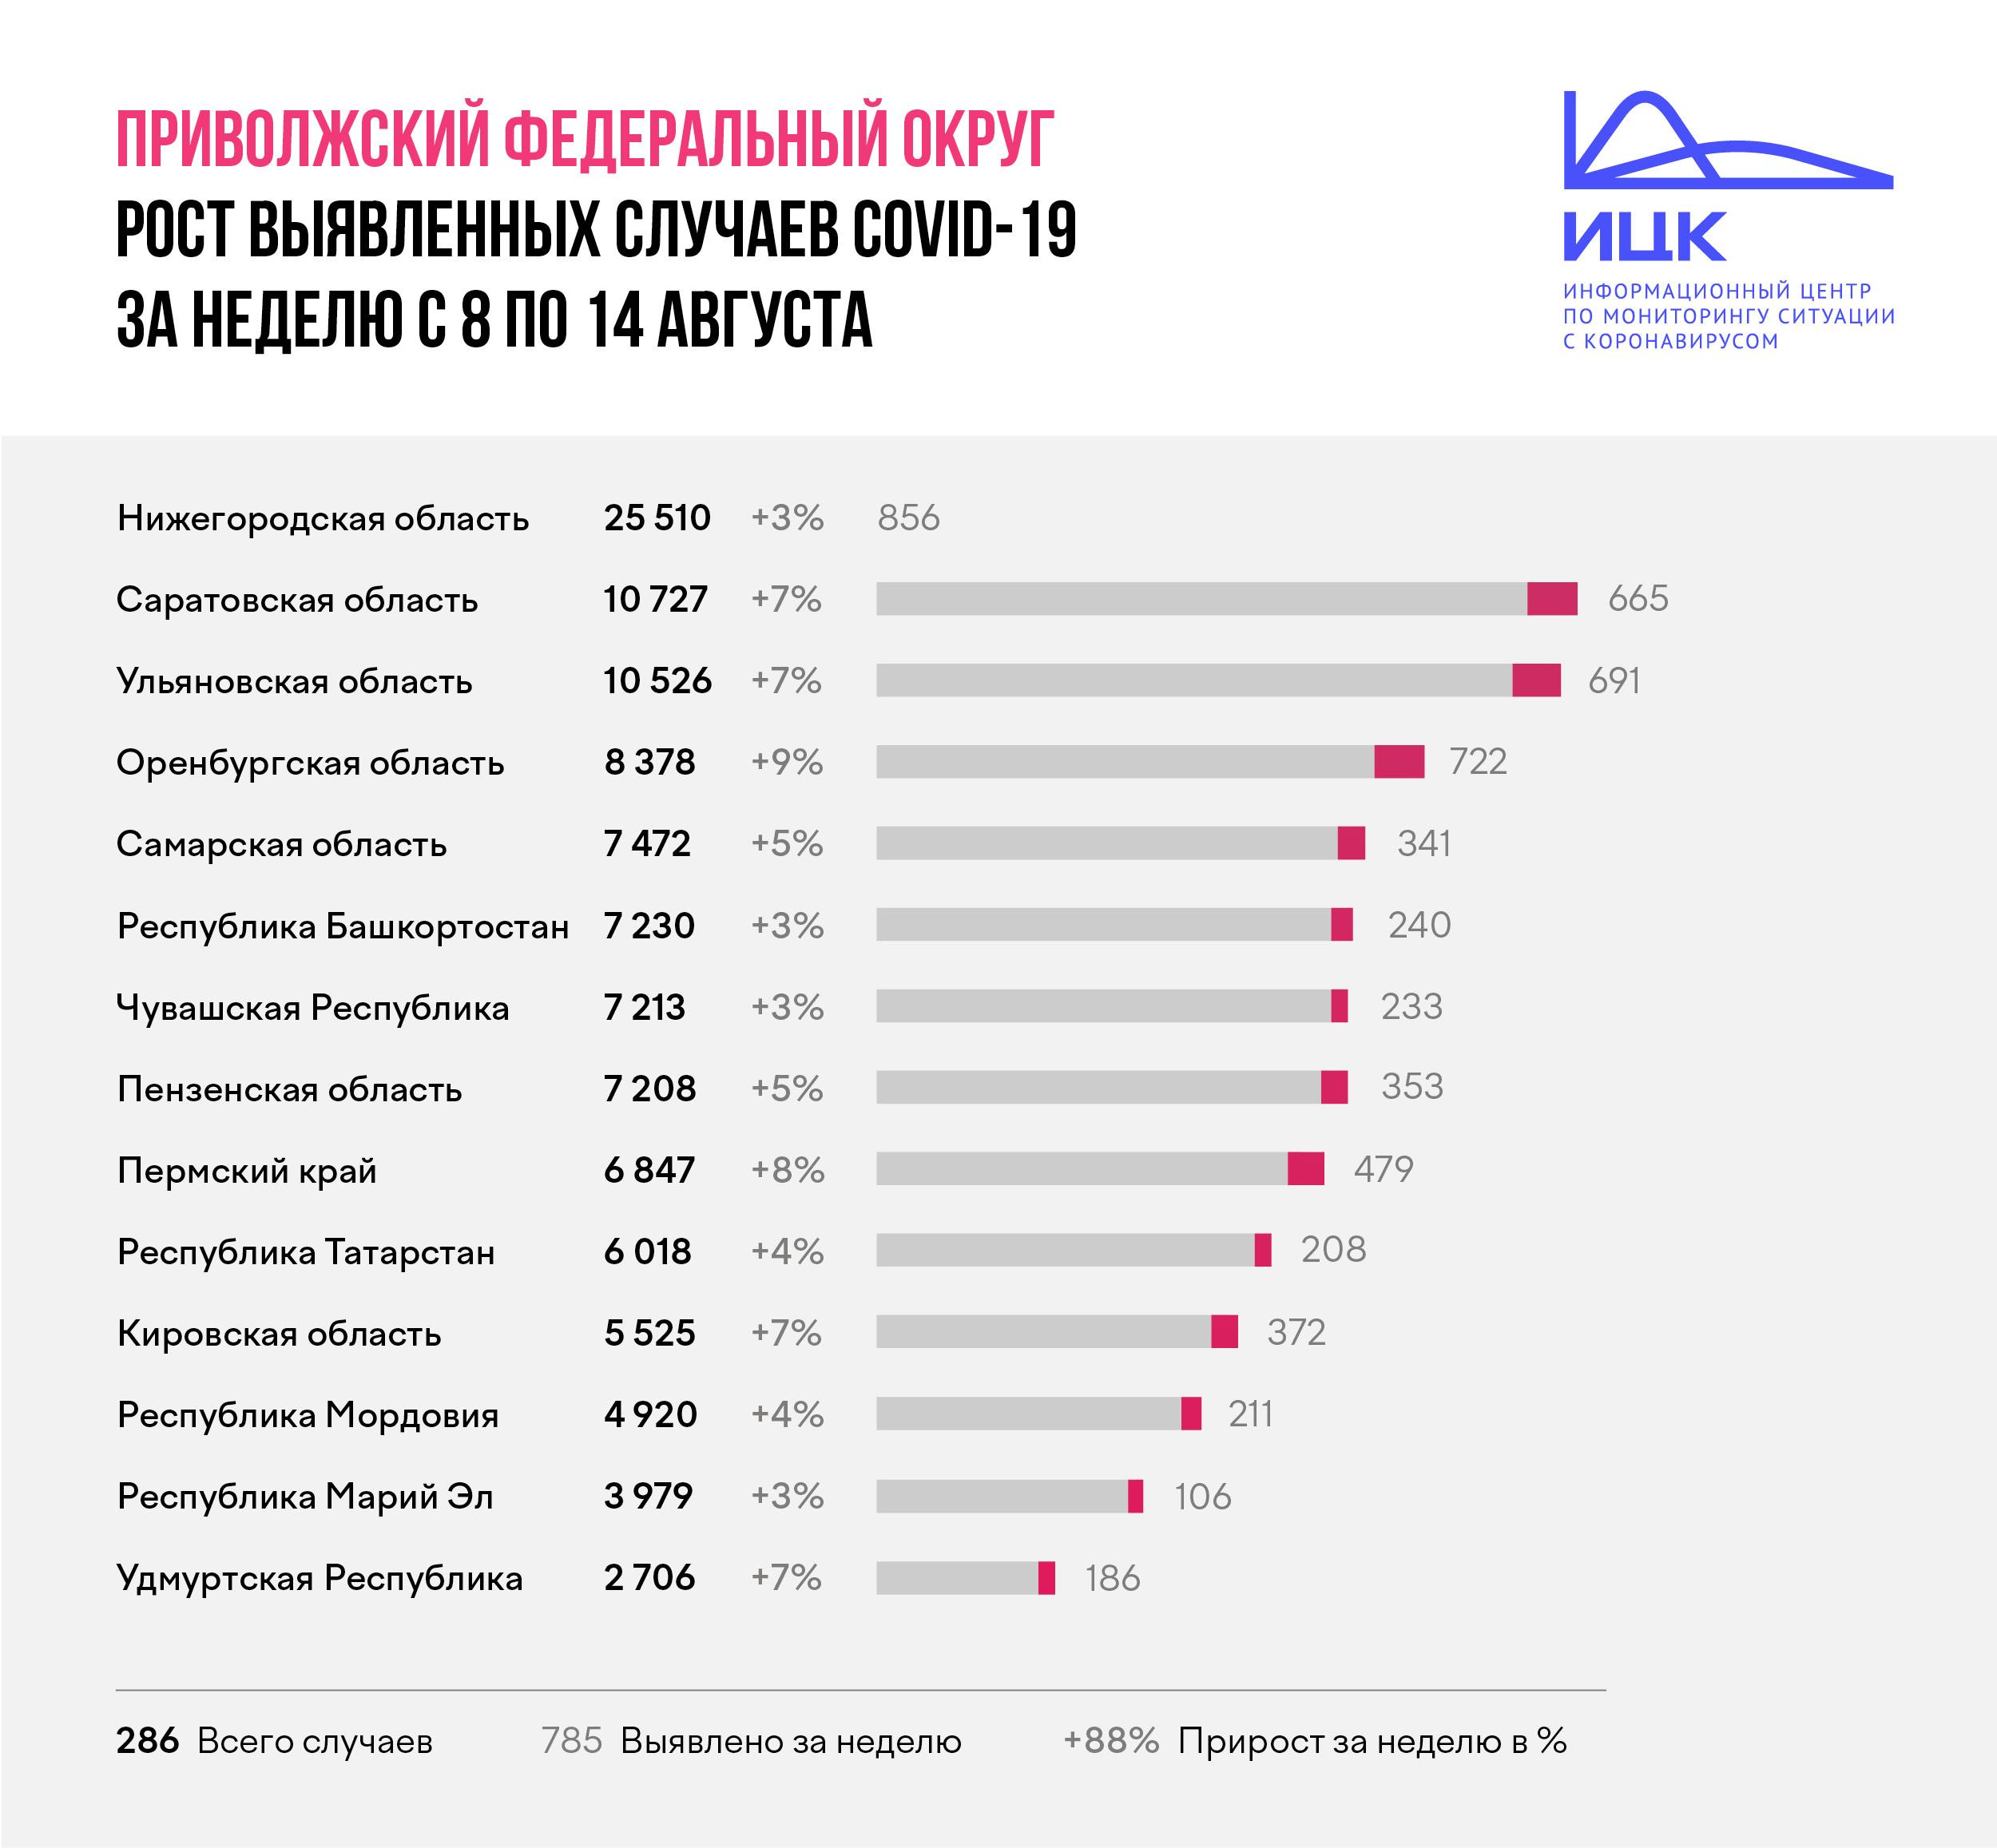 какое место занимает россия по коронавирусу